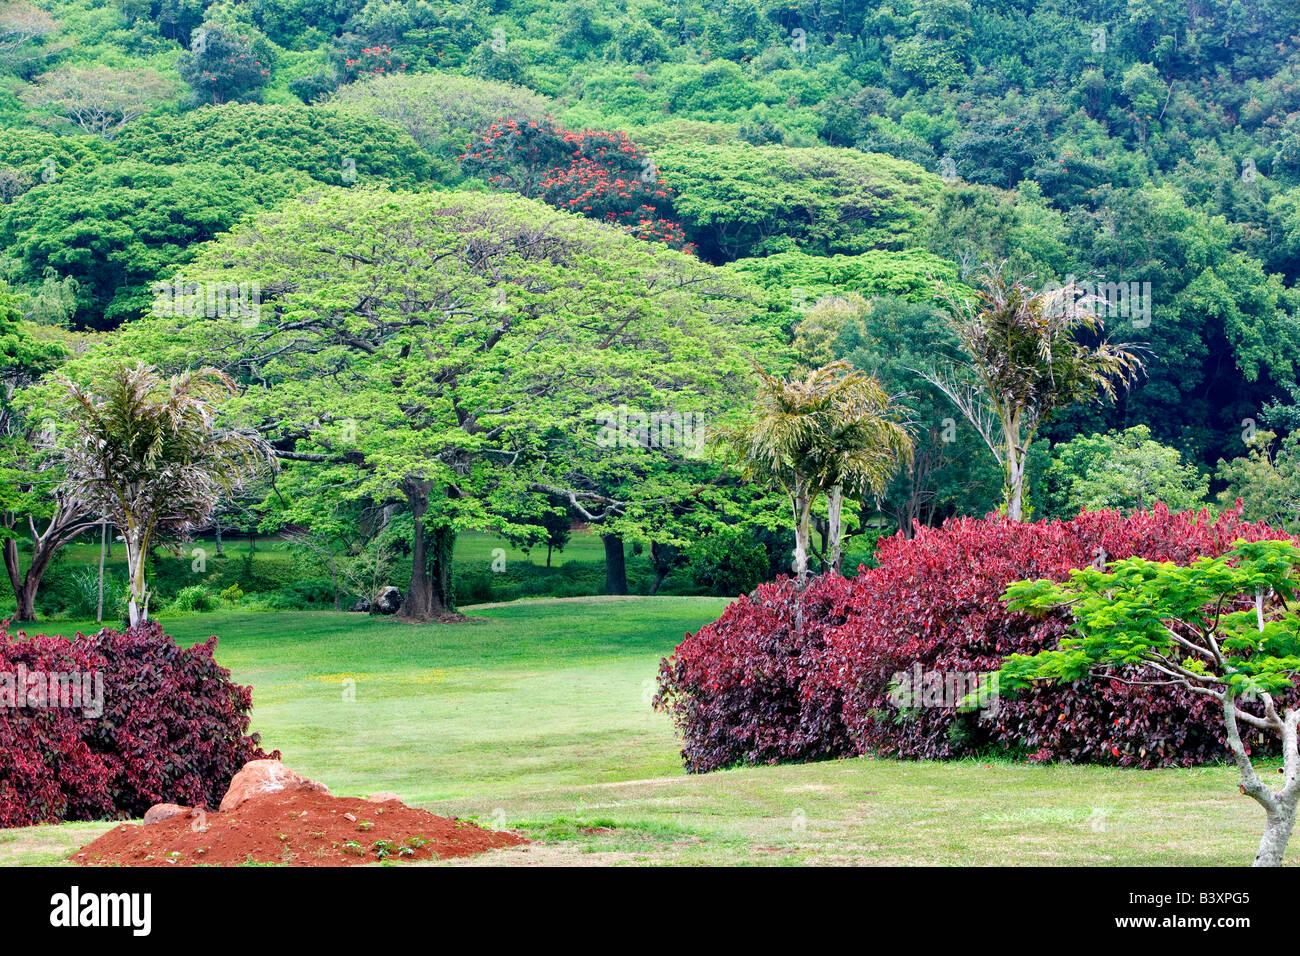 View Of National Tropical Botanical Garden Kauai Hawaii